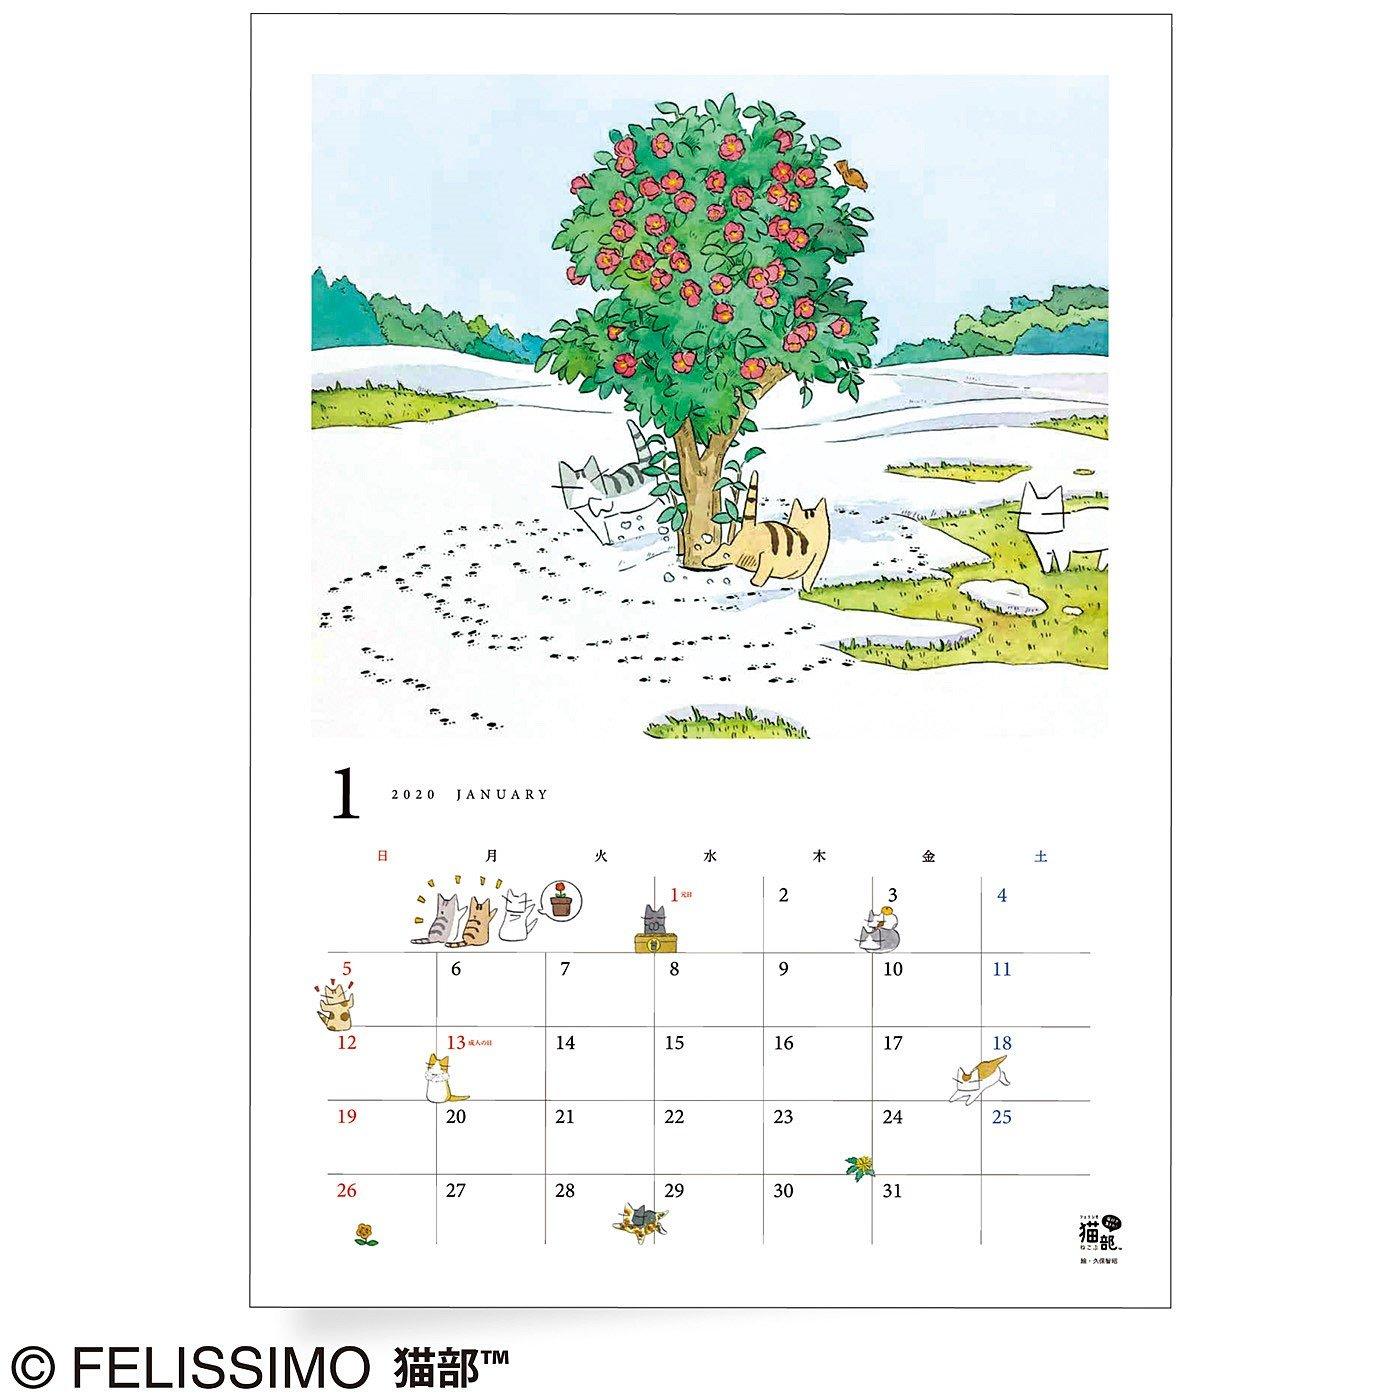 日本画家 久保智昭さんとつくった めぐる季節と、猫と花 2020カレンダー